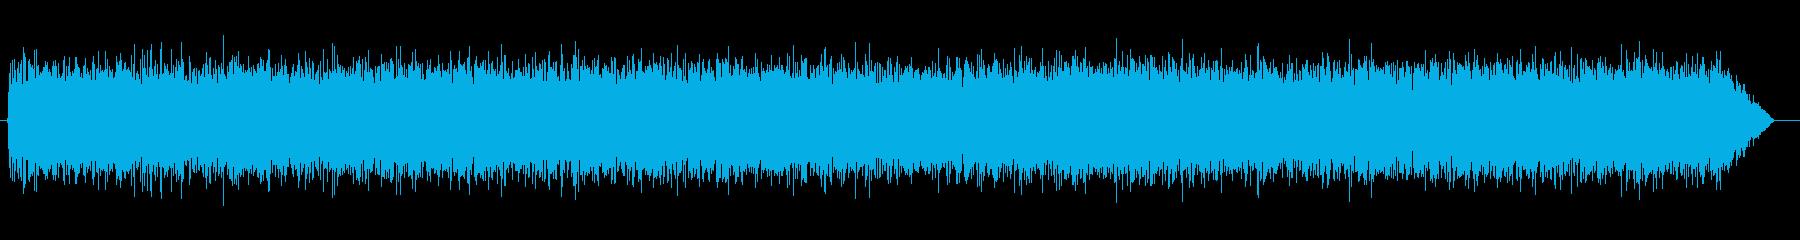 砂嵐効果音 ダーク テレビのノイズ ザーの再生済みの波形